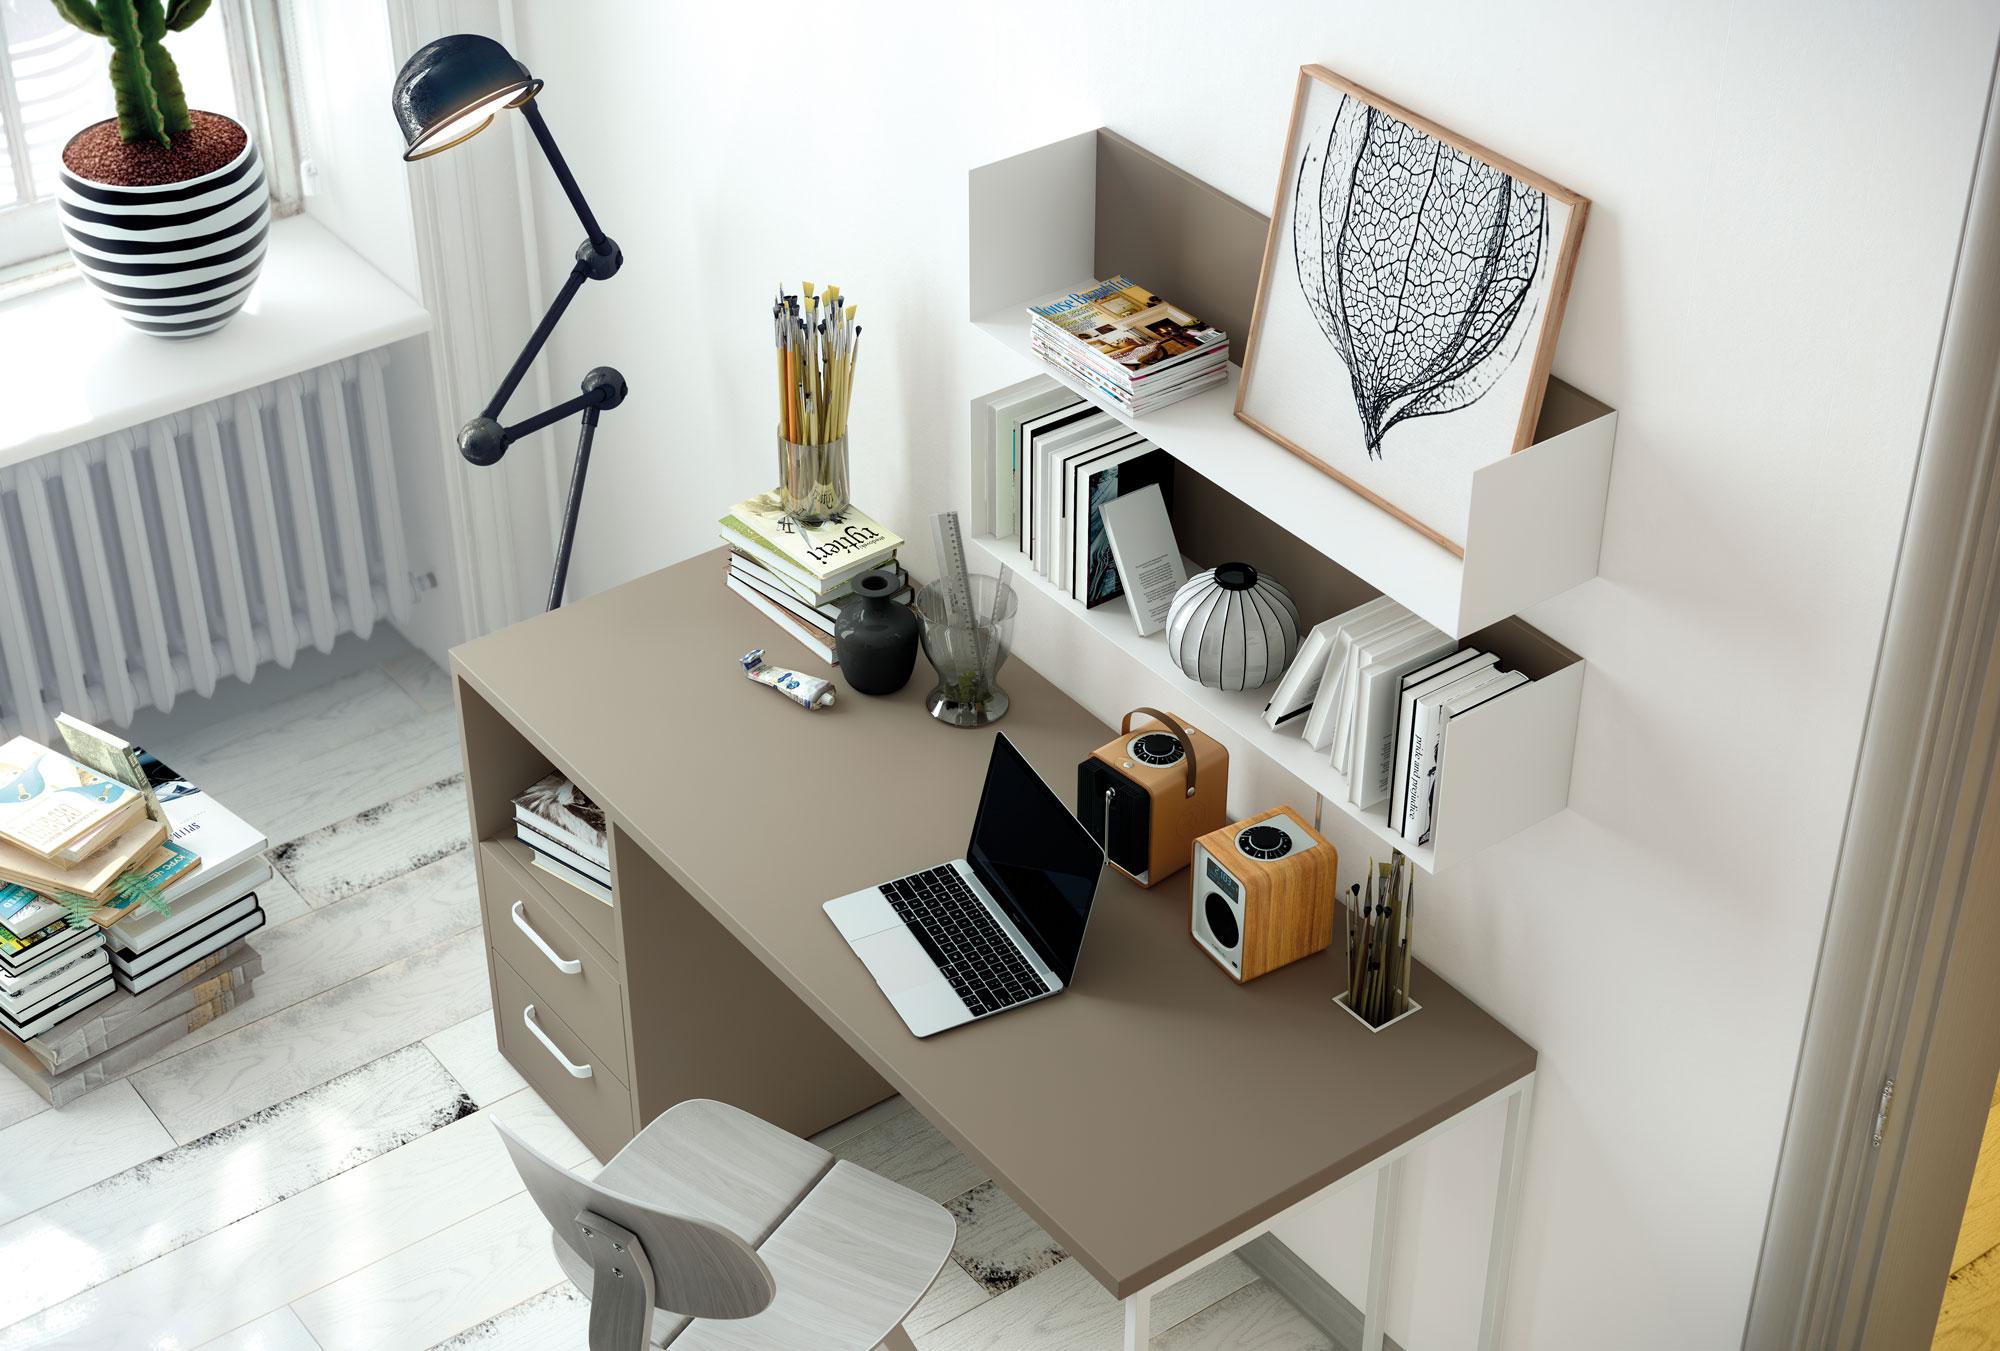 B Sicos De Mobiliario Para Decorar Con Estilo N Rdico Olut ~ Muebles Rey Espacio Mediterraneo